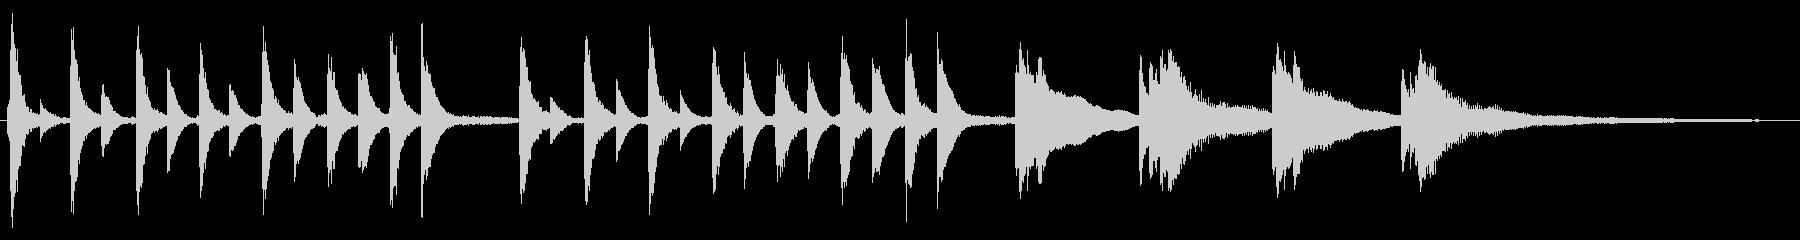 可愛い感じのピアノジングルの未再生の波形